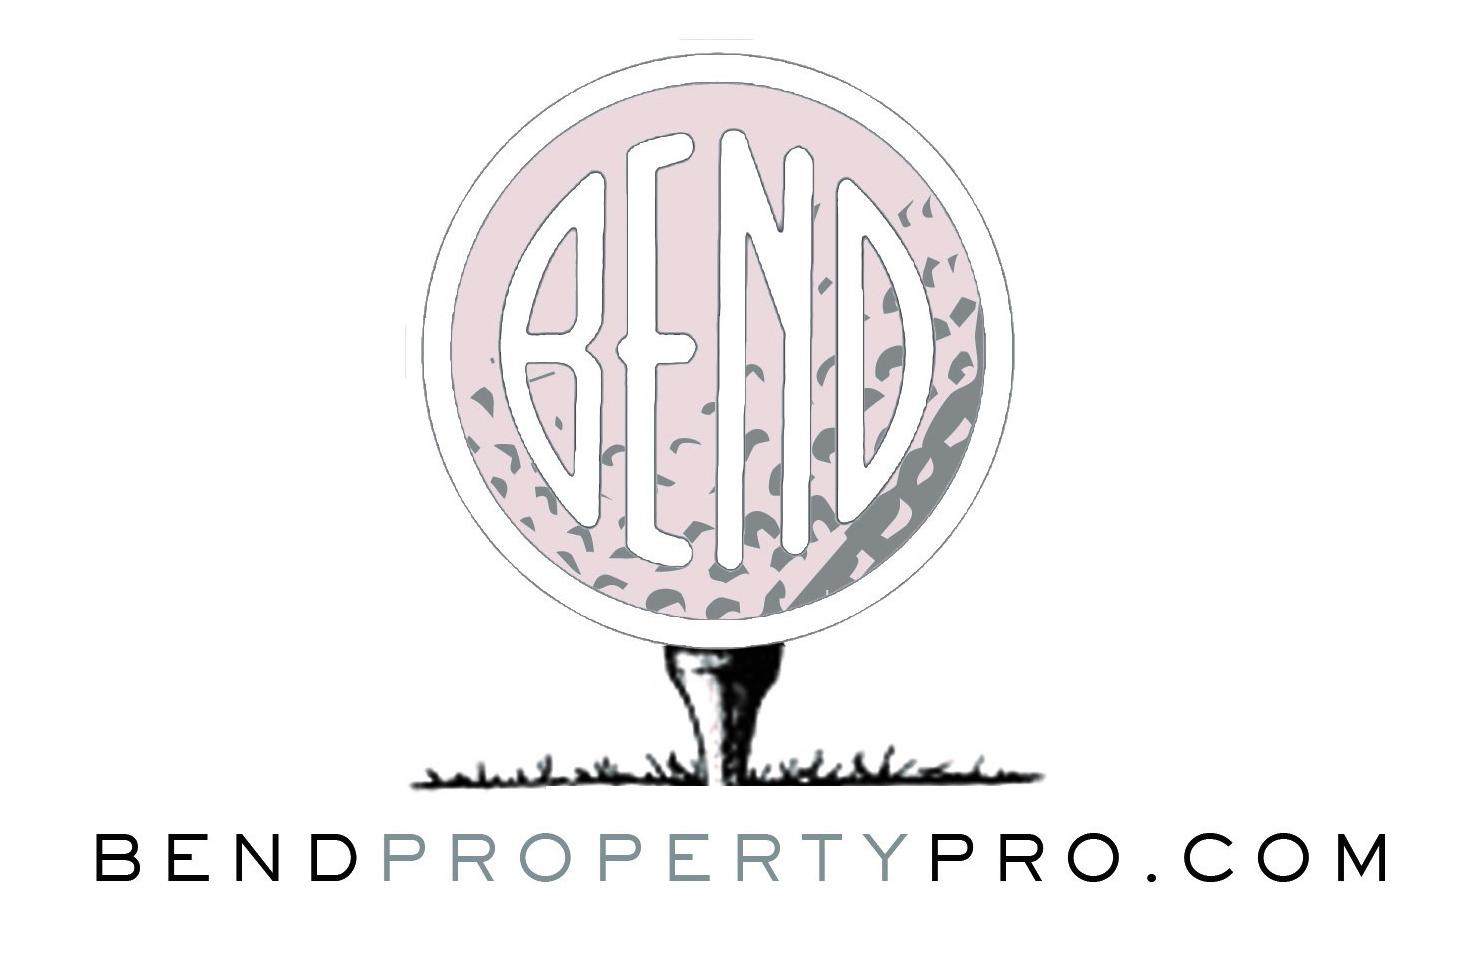 Bend Property Pro